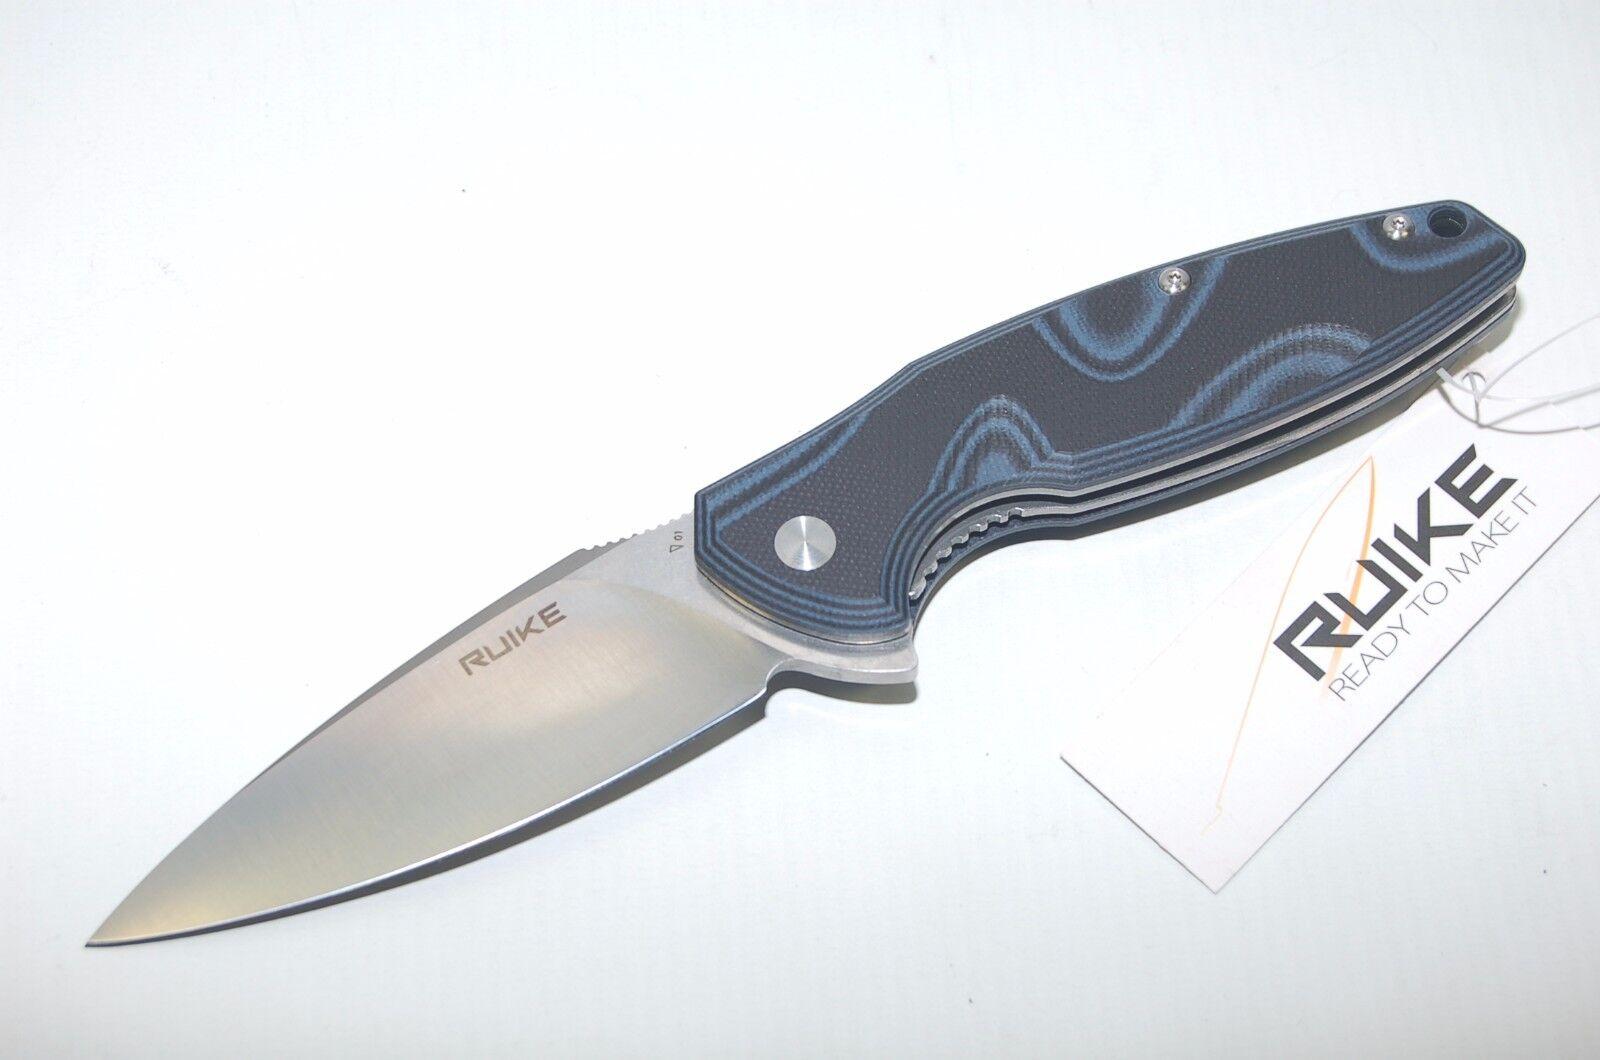 Ruike Fang P105-K Pale Blau 14C28N Stahl Einhandmesser Taschenmesser G10 Griff